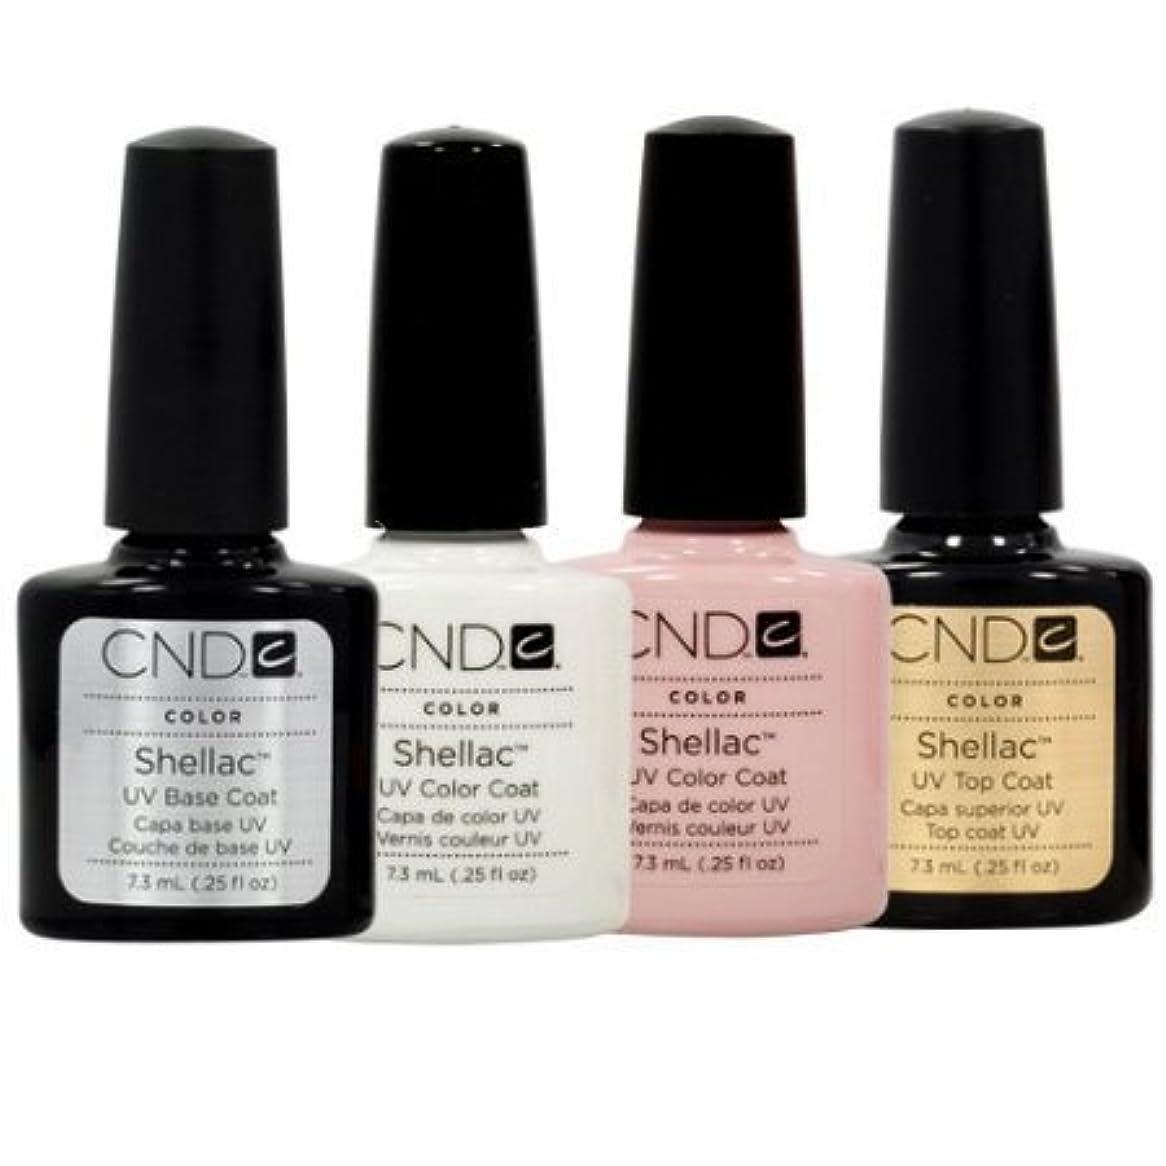 経験者地下鉄なんでもCND Shellac French Manicure Kit Base Top Coat Color White Pink Nail Polish Gel by CND - Creative Nail Design [...